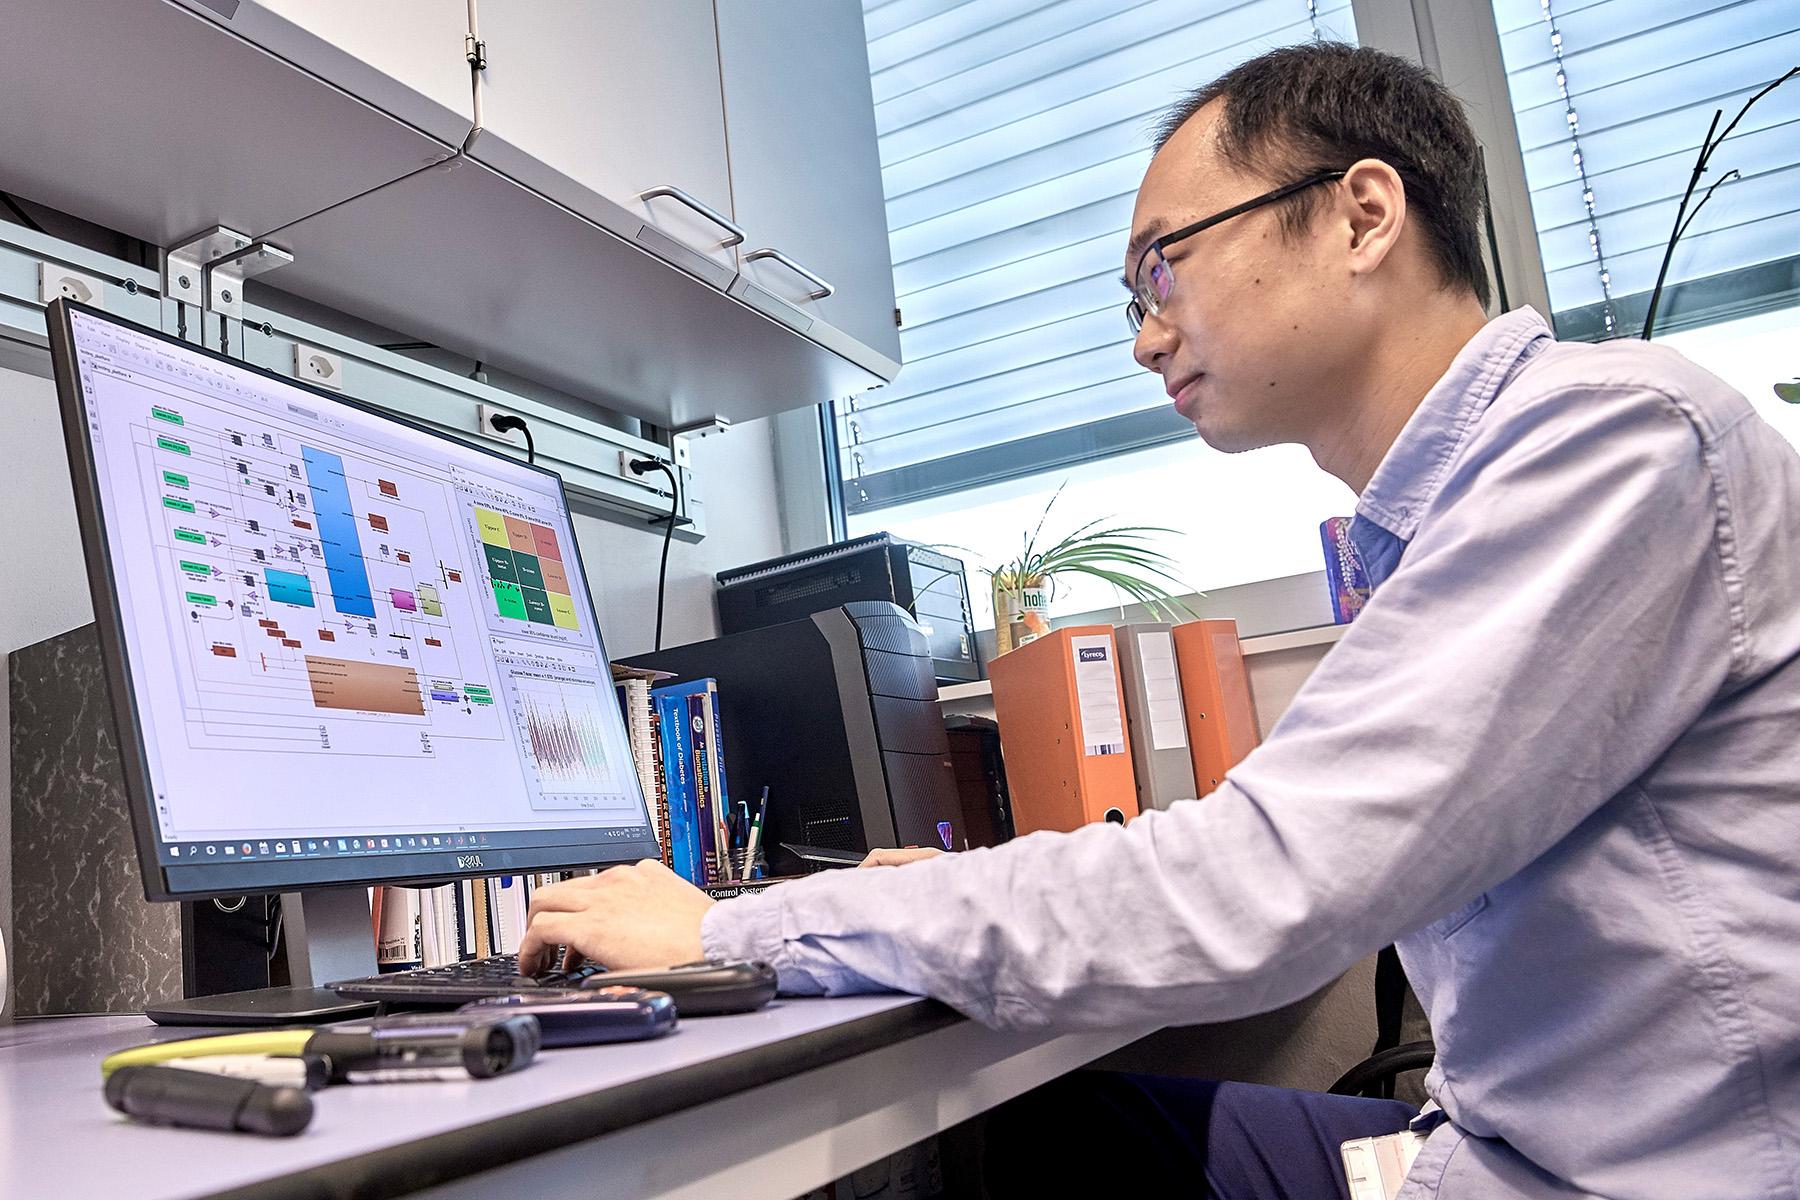 Qingnan Sun, Doktorand am ARTORG Center, mit dem lernfähigen Modell, das auf Grund der Gewohnheiten von Betroffenen fähig ist, personalisierte Empfehlungen zum Insulin-Einsatz zu geben. Bild: Adrian Moser